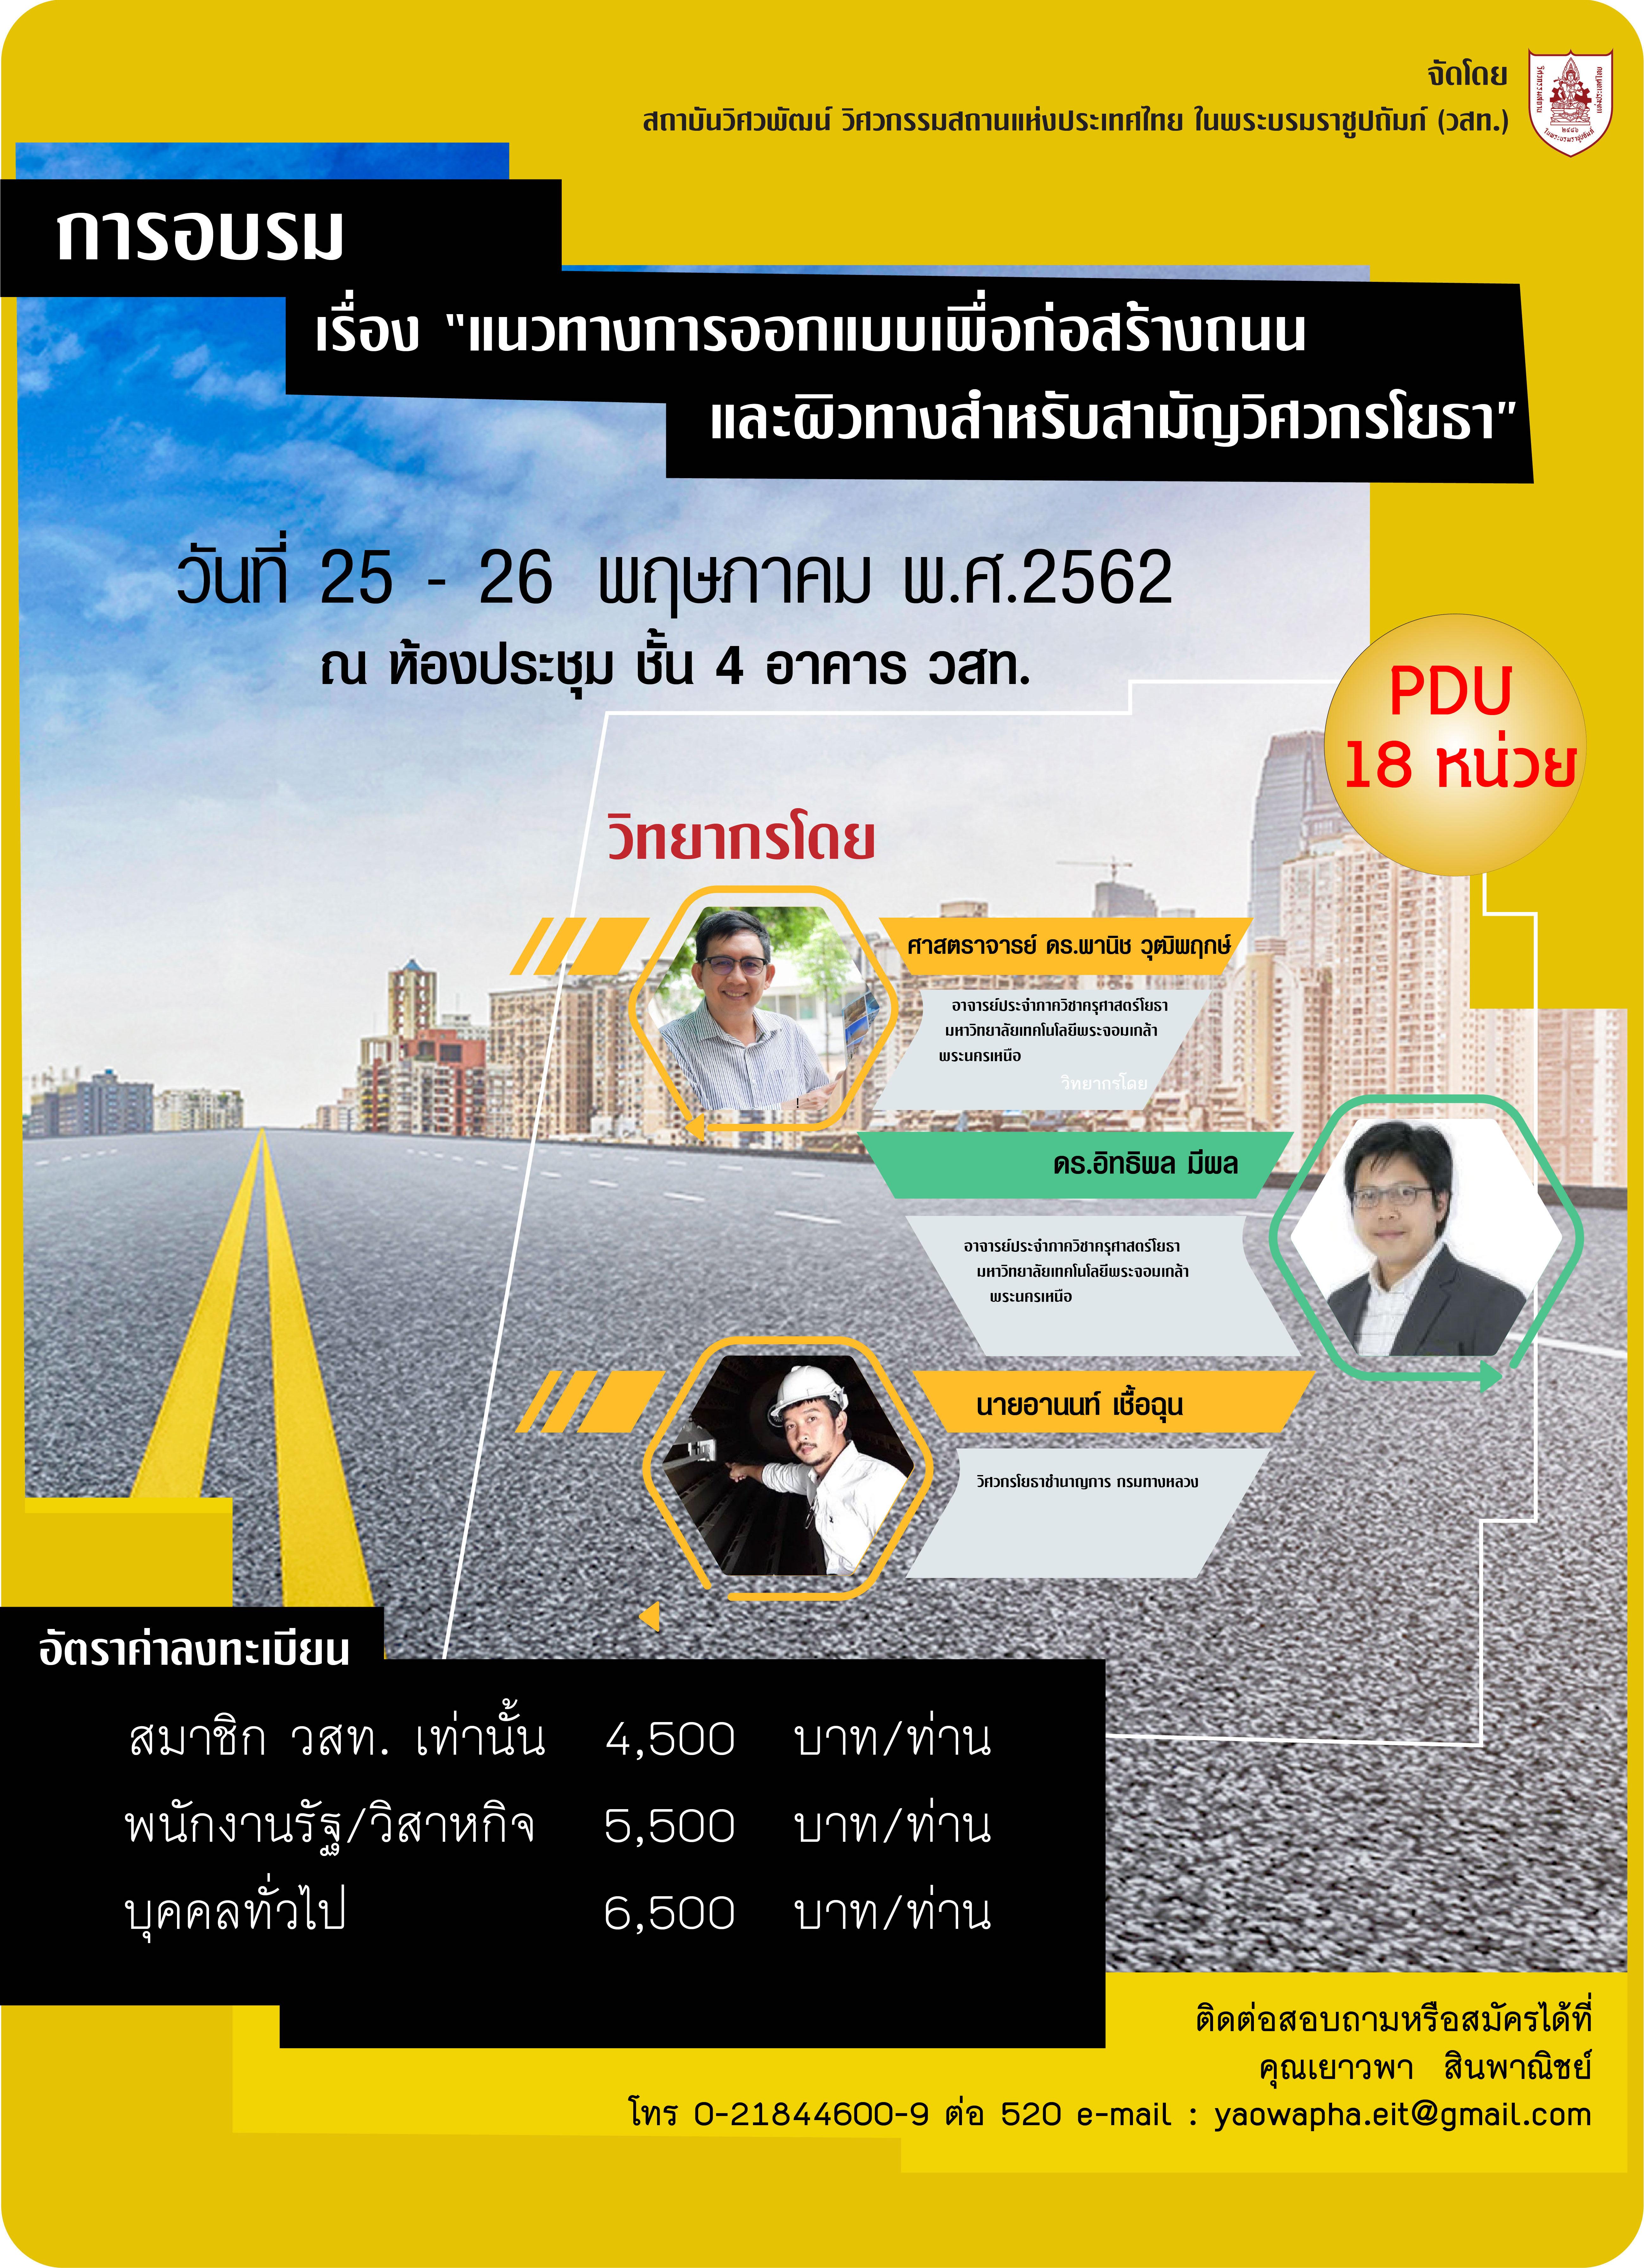 25-26/05/62 อบรมเรื่อง แนวทางการออกแบบเพื่อก่อสร้างถนนและผิวทางสำหรับสามัญวิศวกรโยธา